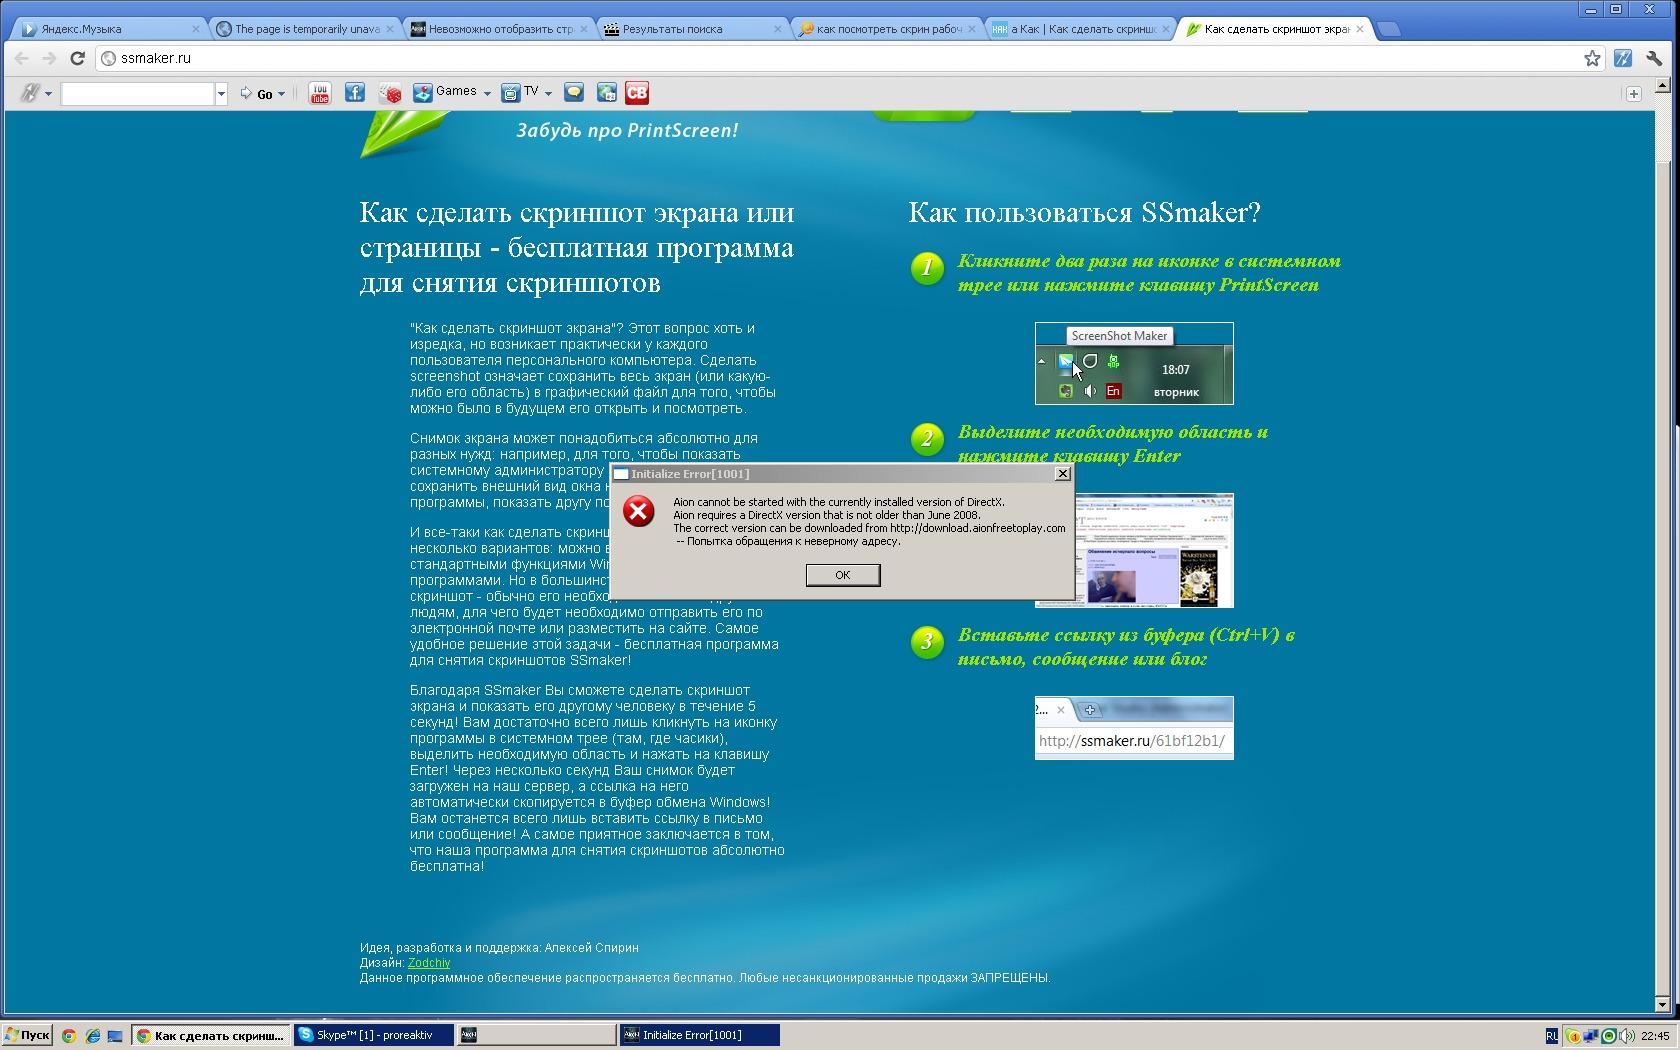 Как посмотреть или сделать скрин экрана